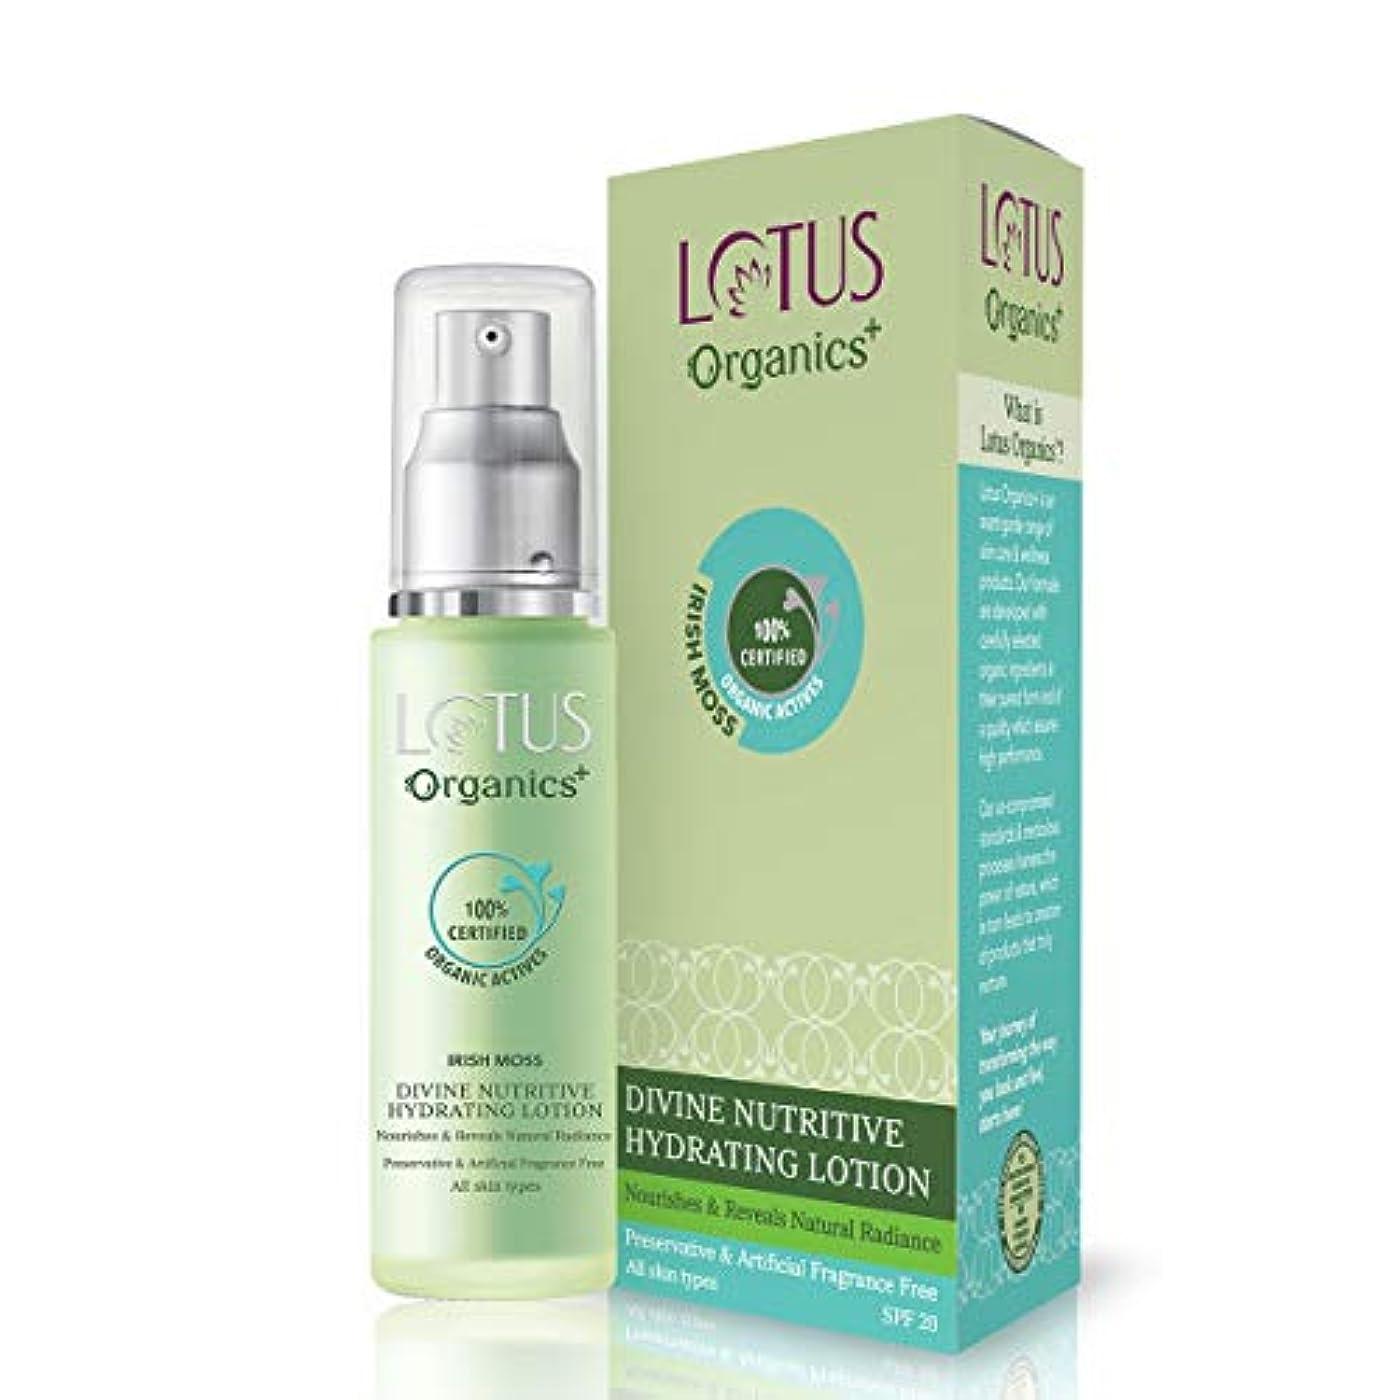 自治的許容できる欠伸Lotus Organics+ Divine Nutritive Hydrating Lotion Spf20, 50 g